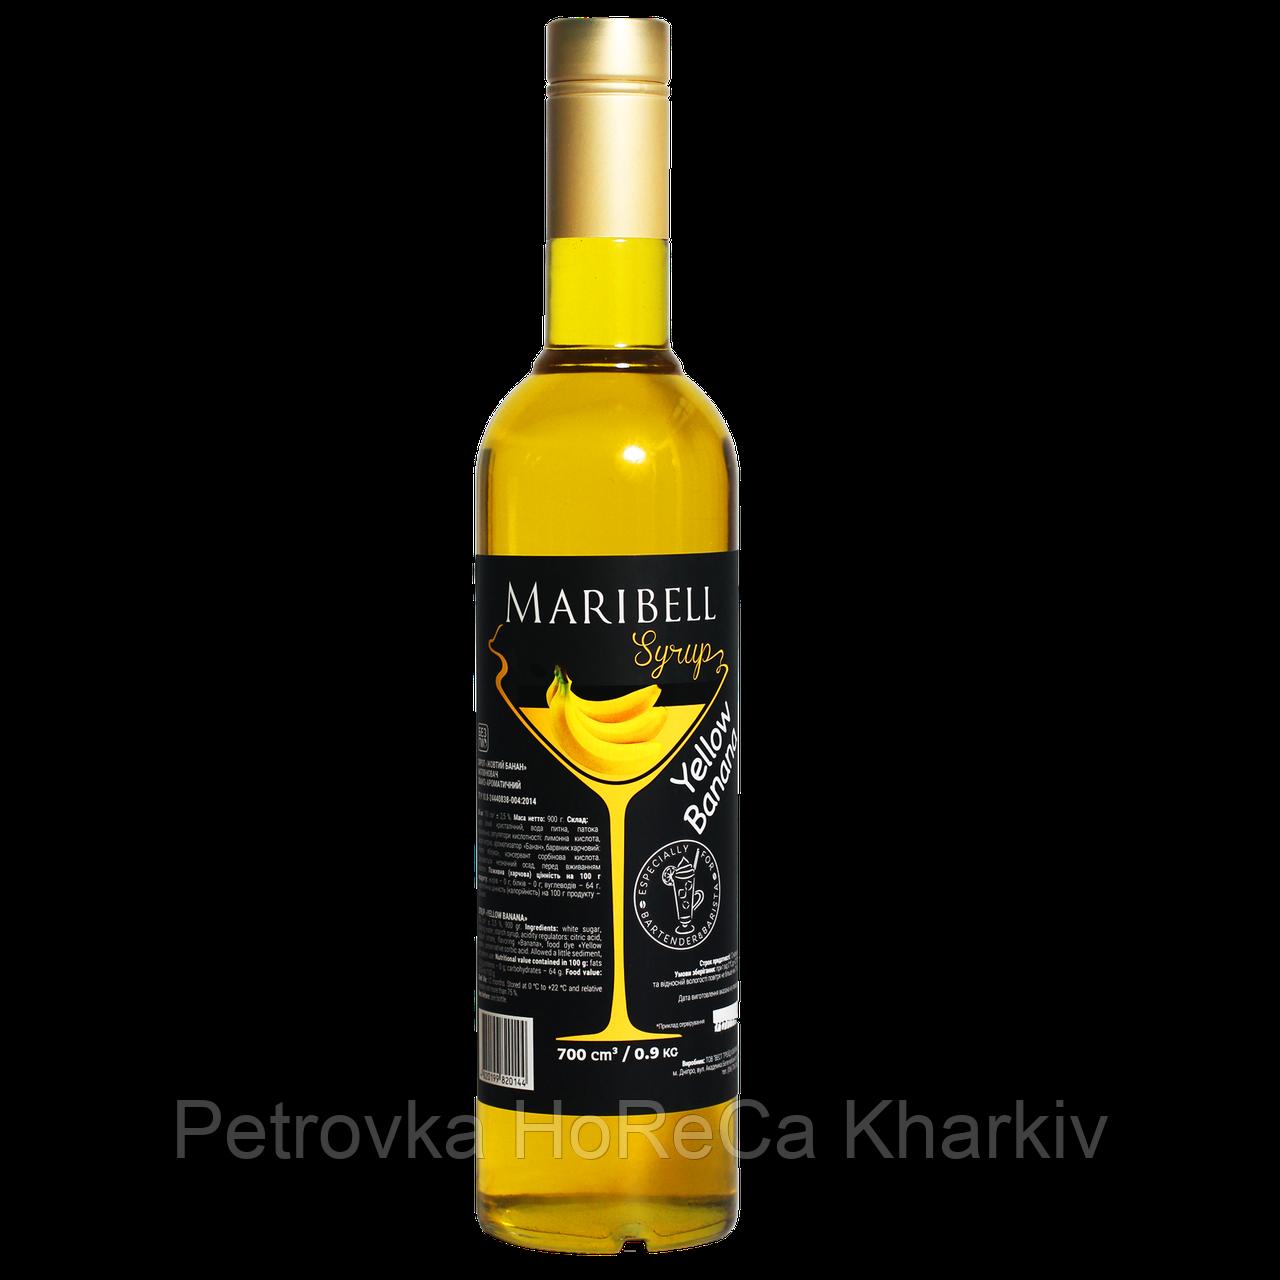 """Сироп Марибелл """"Жовтий банан"""" для коктейлів, 700мл"""